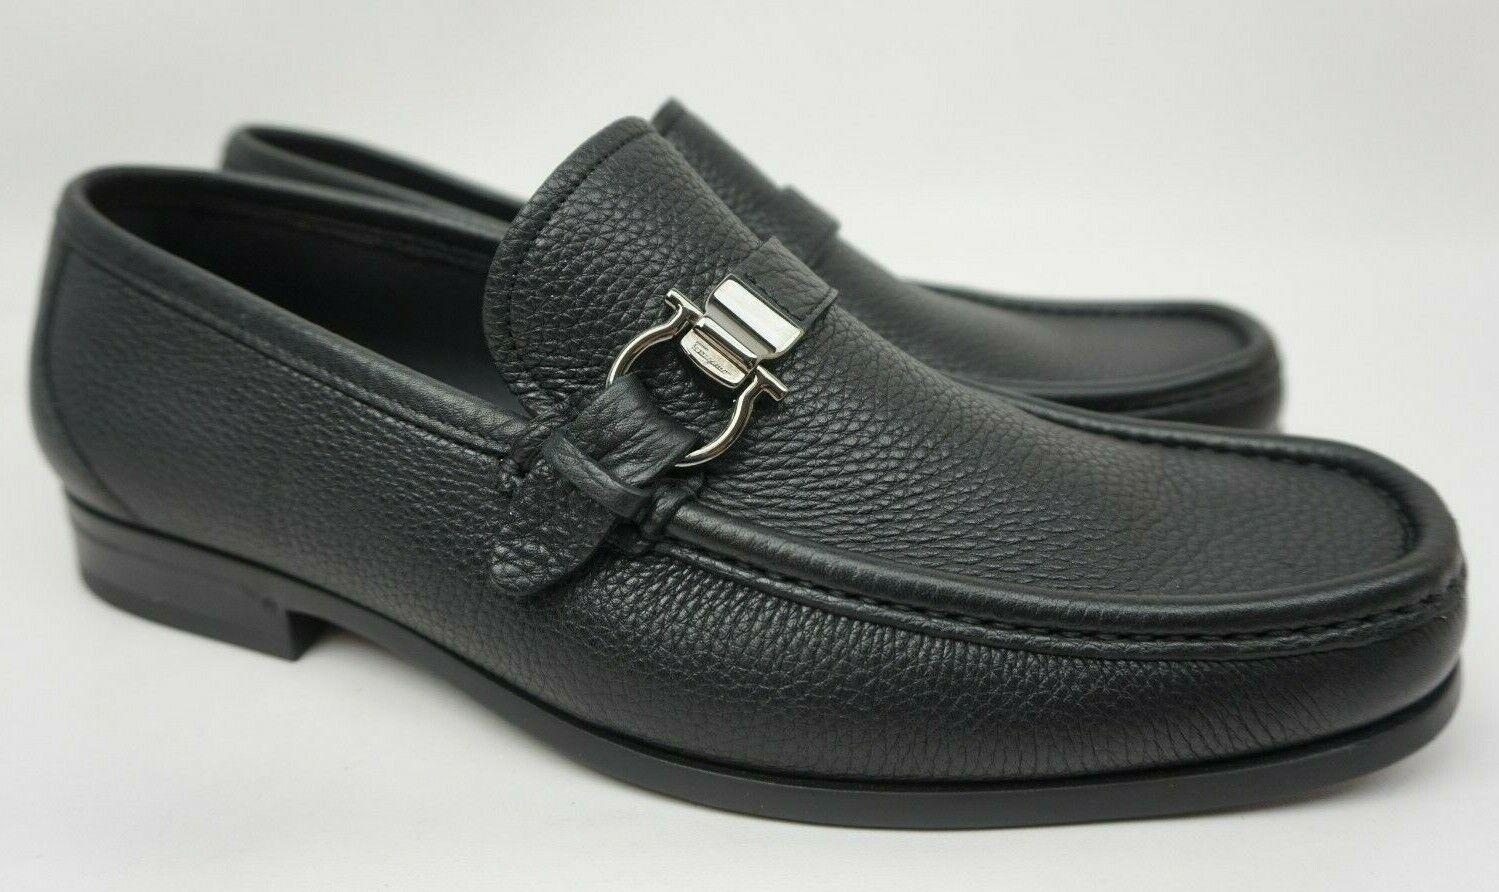 Ferragamo Salvatore Müller Herren 3E Eee 8 US Größe Schuhe